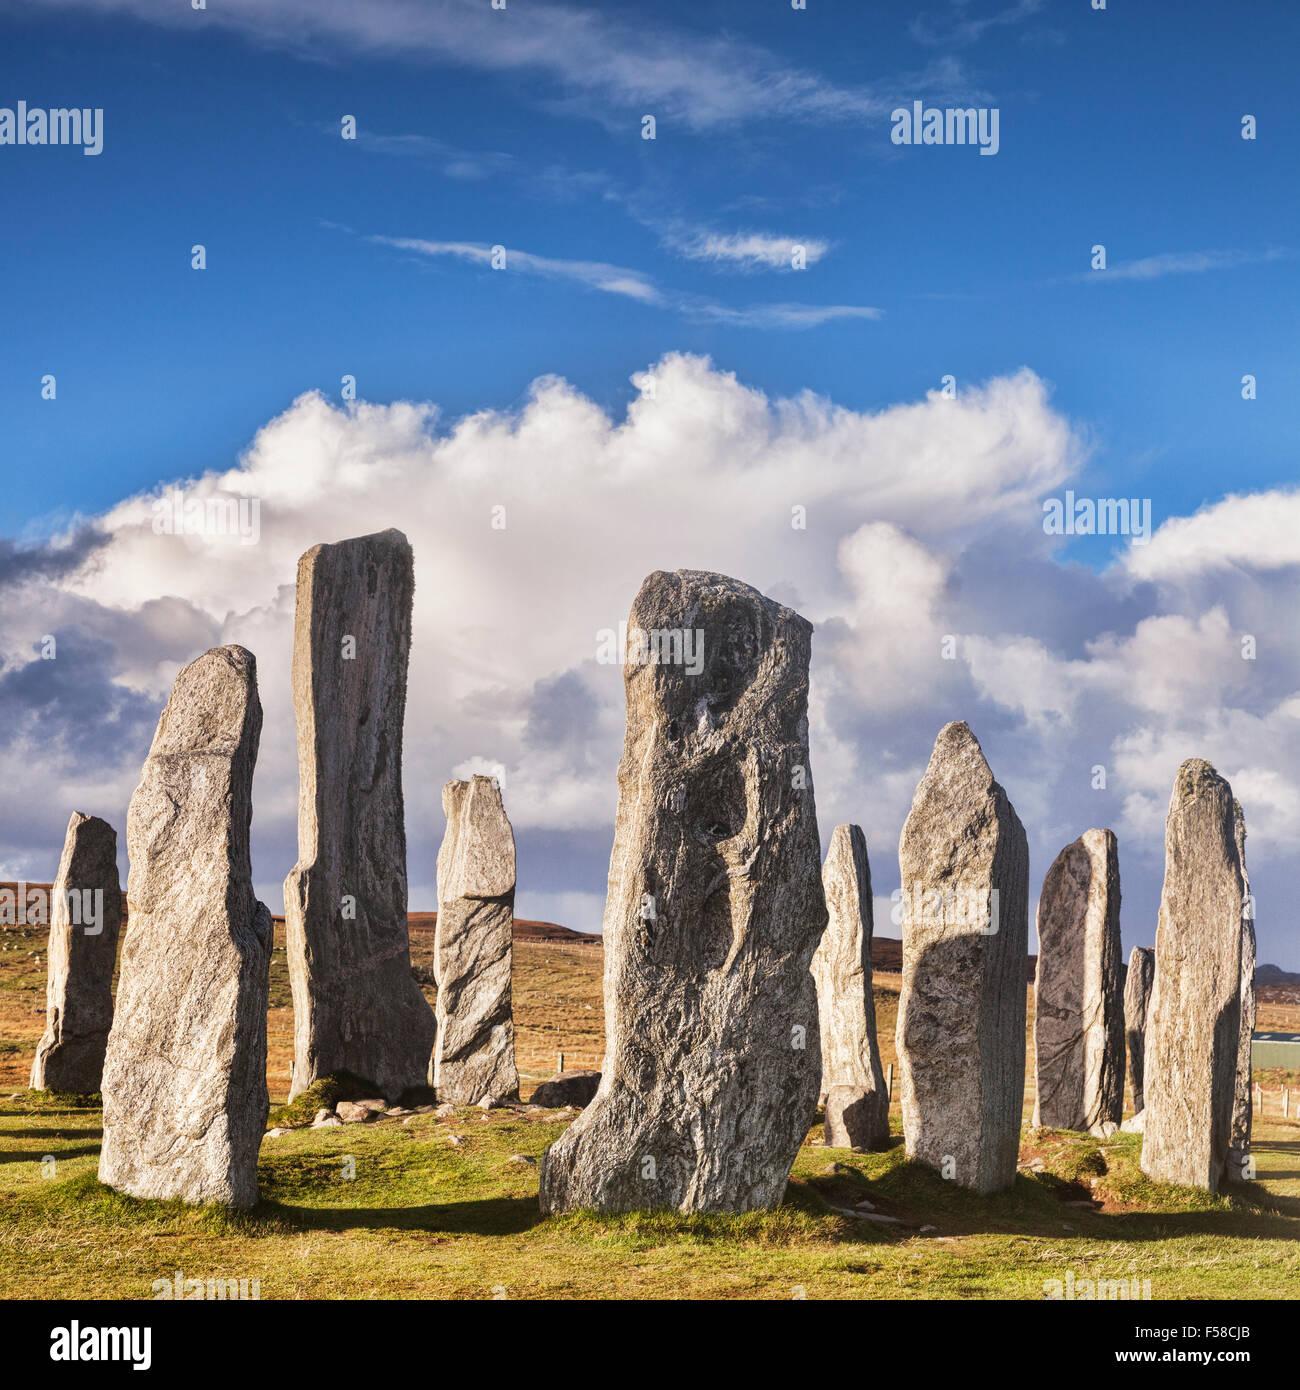 Stone circle at Callanish, Isle of Lewis, Western Isles, Outer Hebrides, Scotland, UK Stock Photo